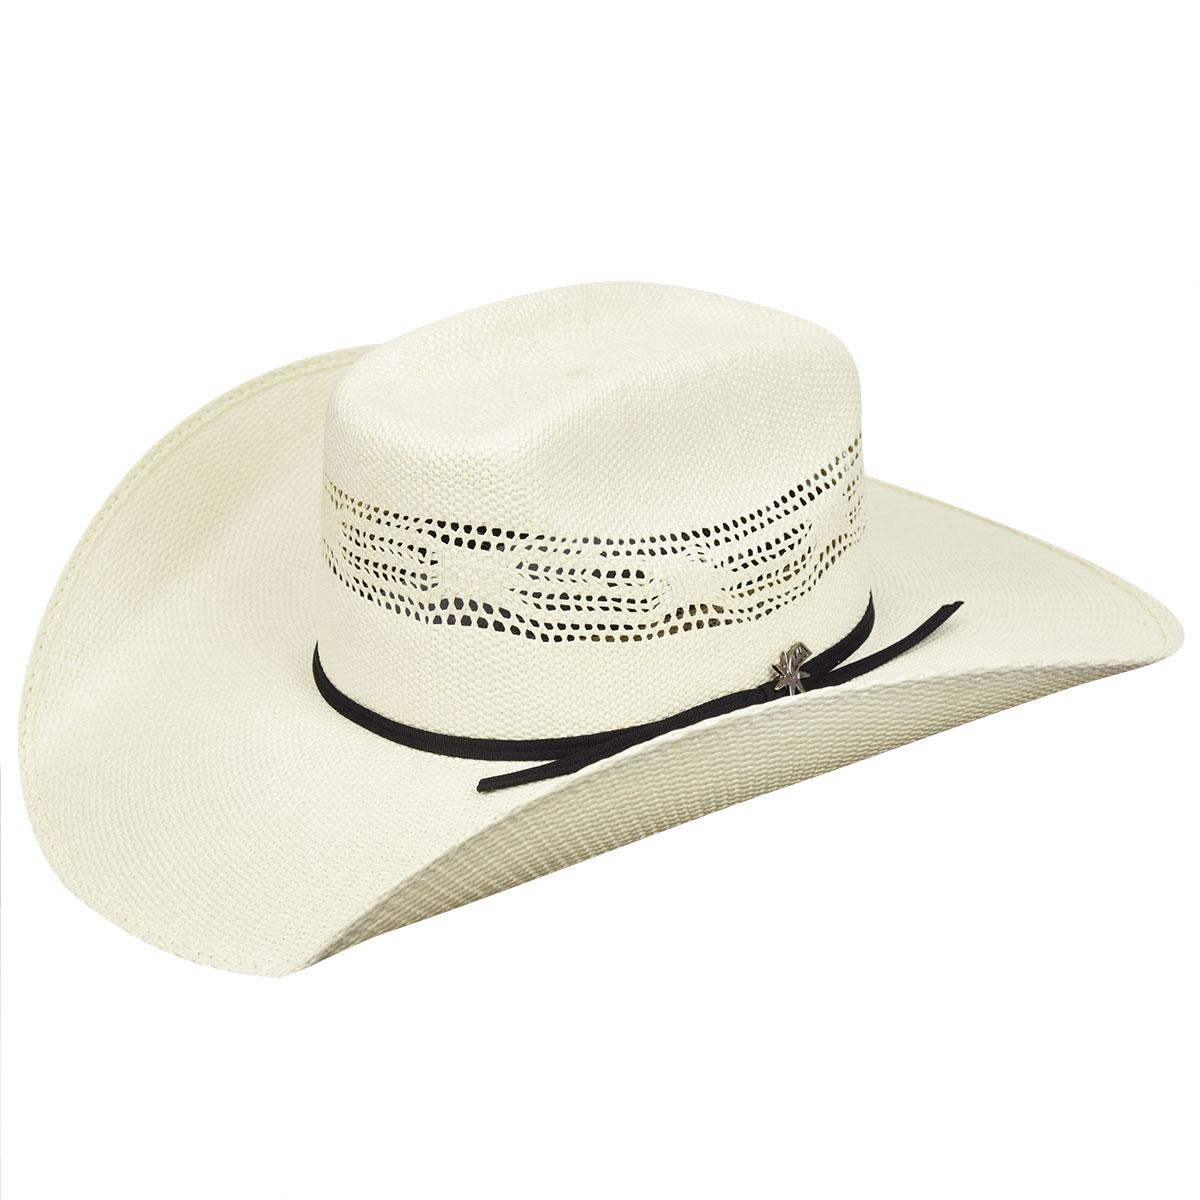 Grady Western Hat - Ivory/6 7/8